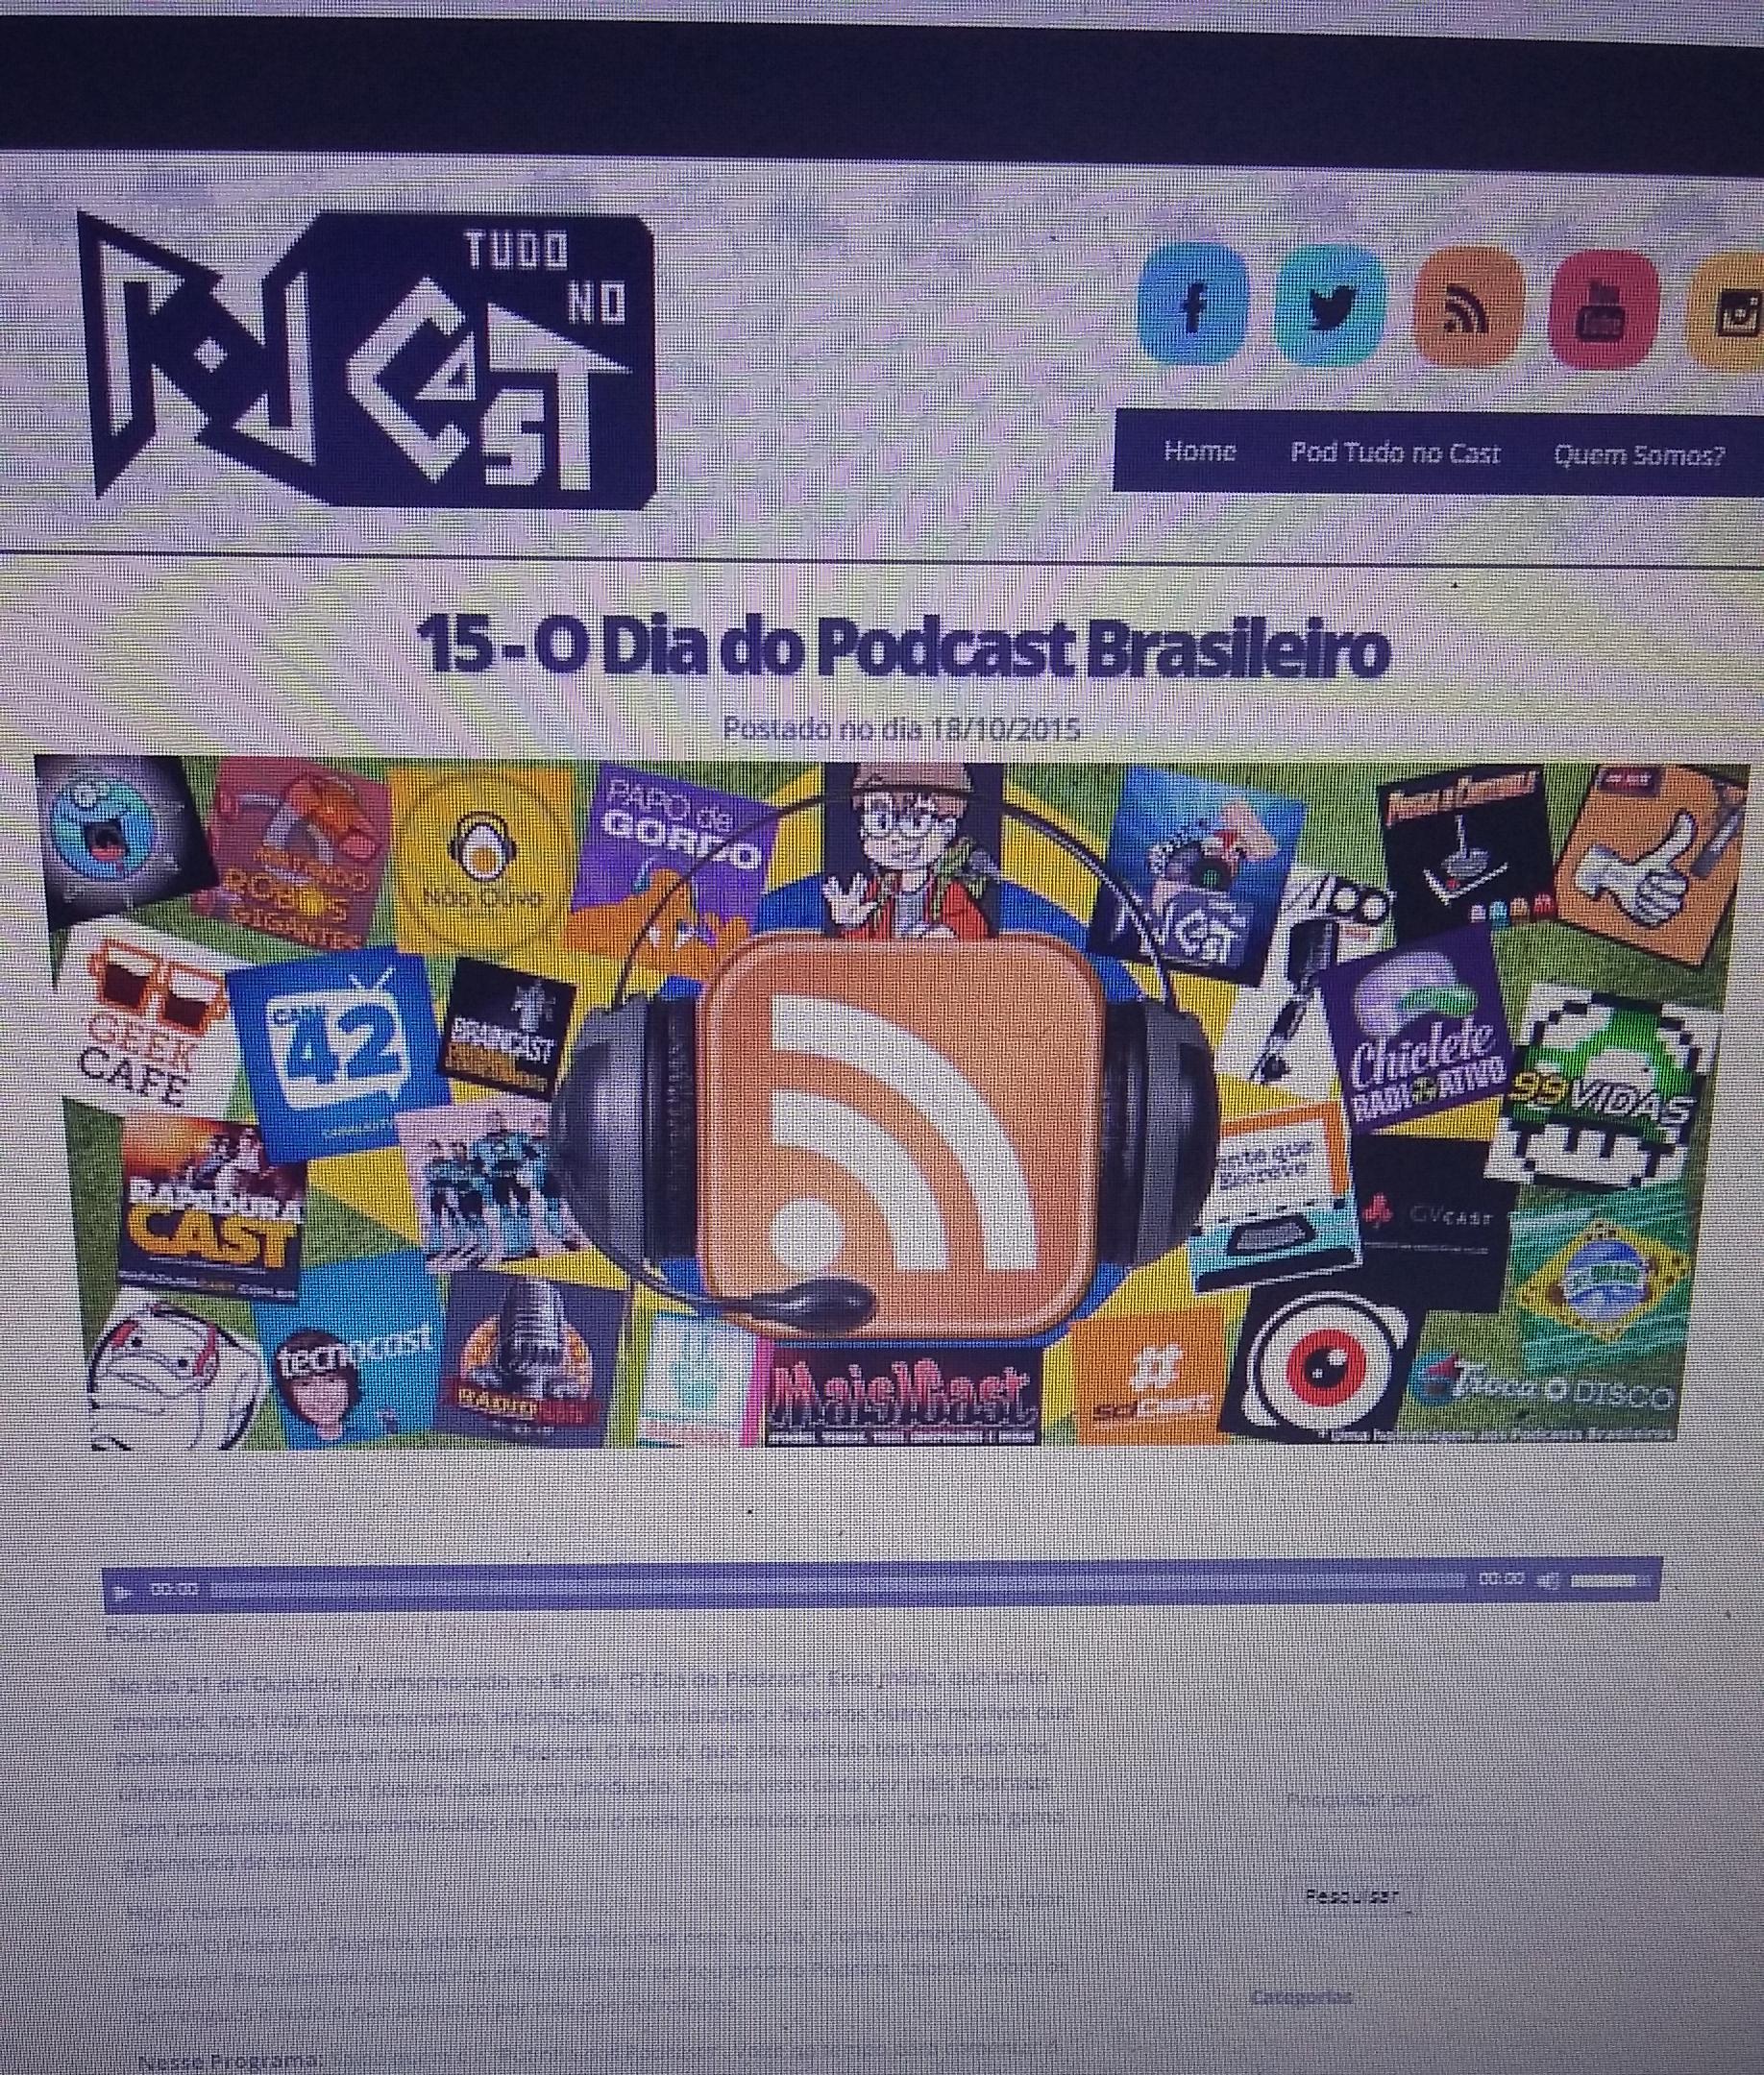 Entrevista com o Podcast - Pod Tudo no Cast